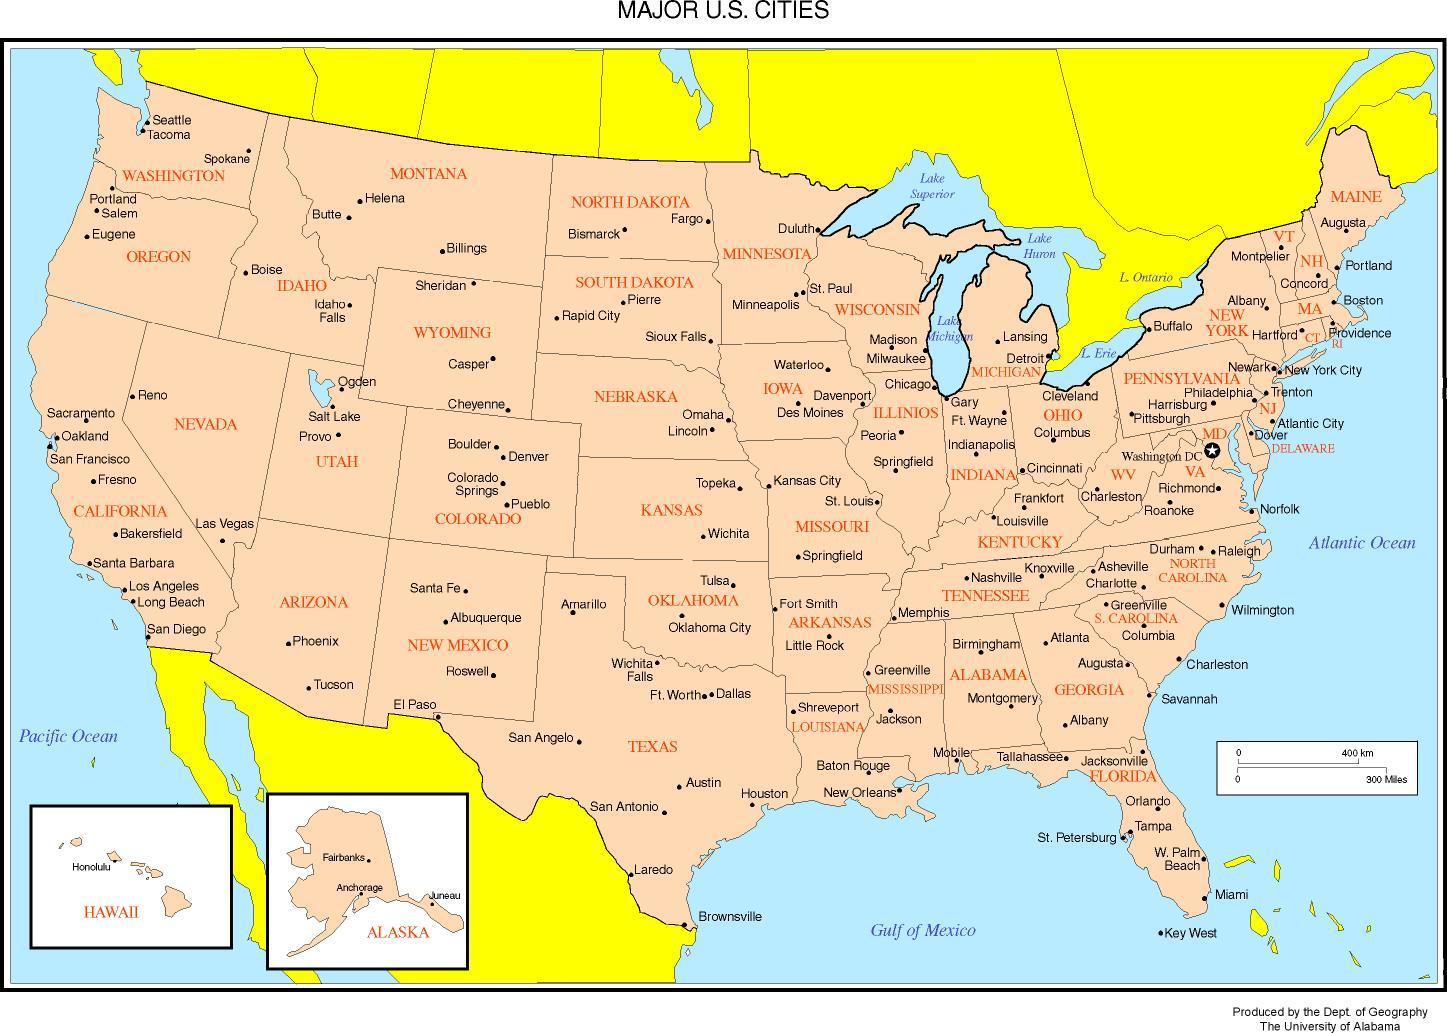 Os Storre Byer Kort Kort Over Os Storre Byer Det Nordlige